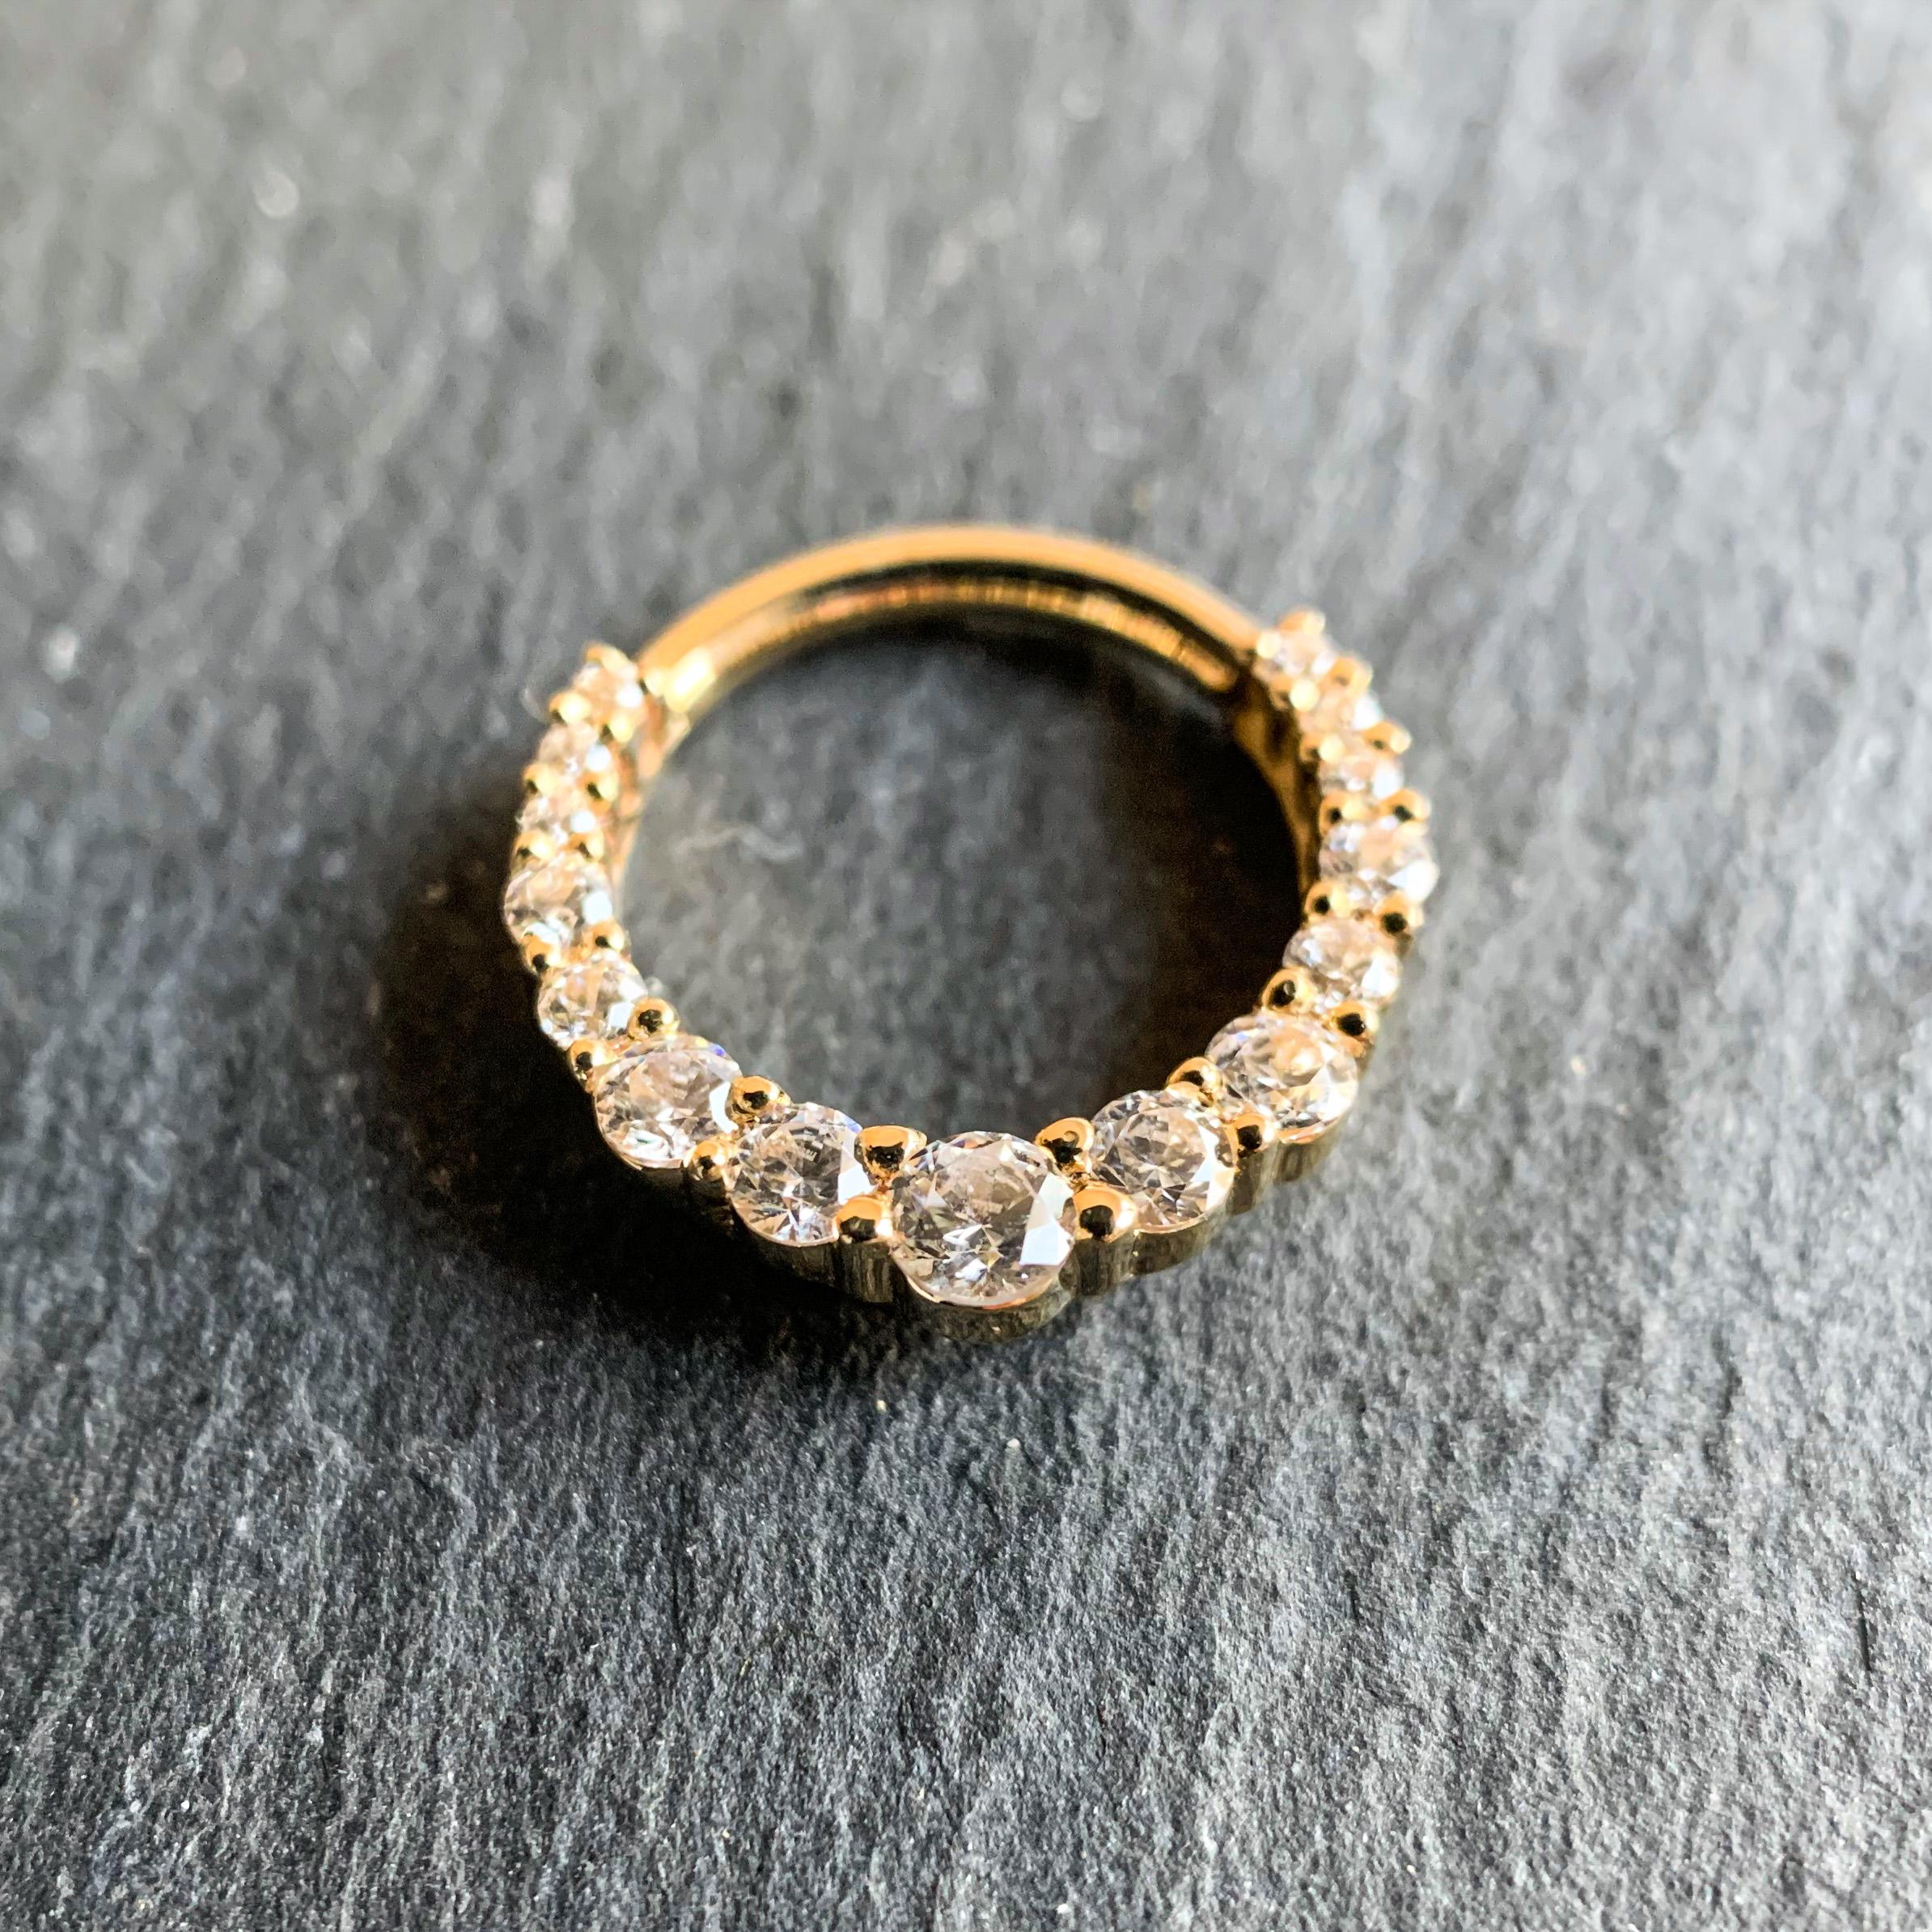 BVLA 14k Echtgold Ring Oaktier